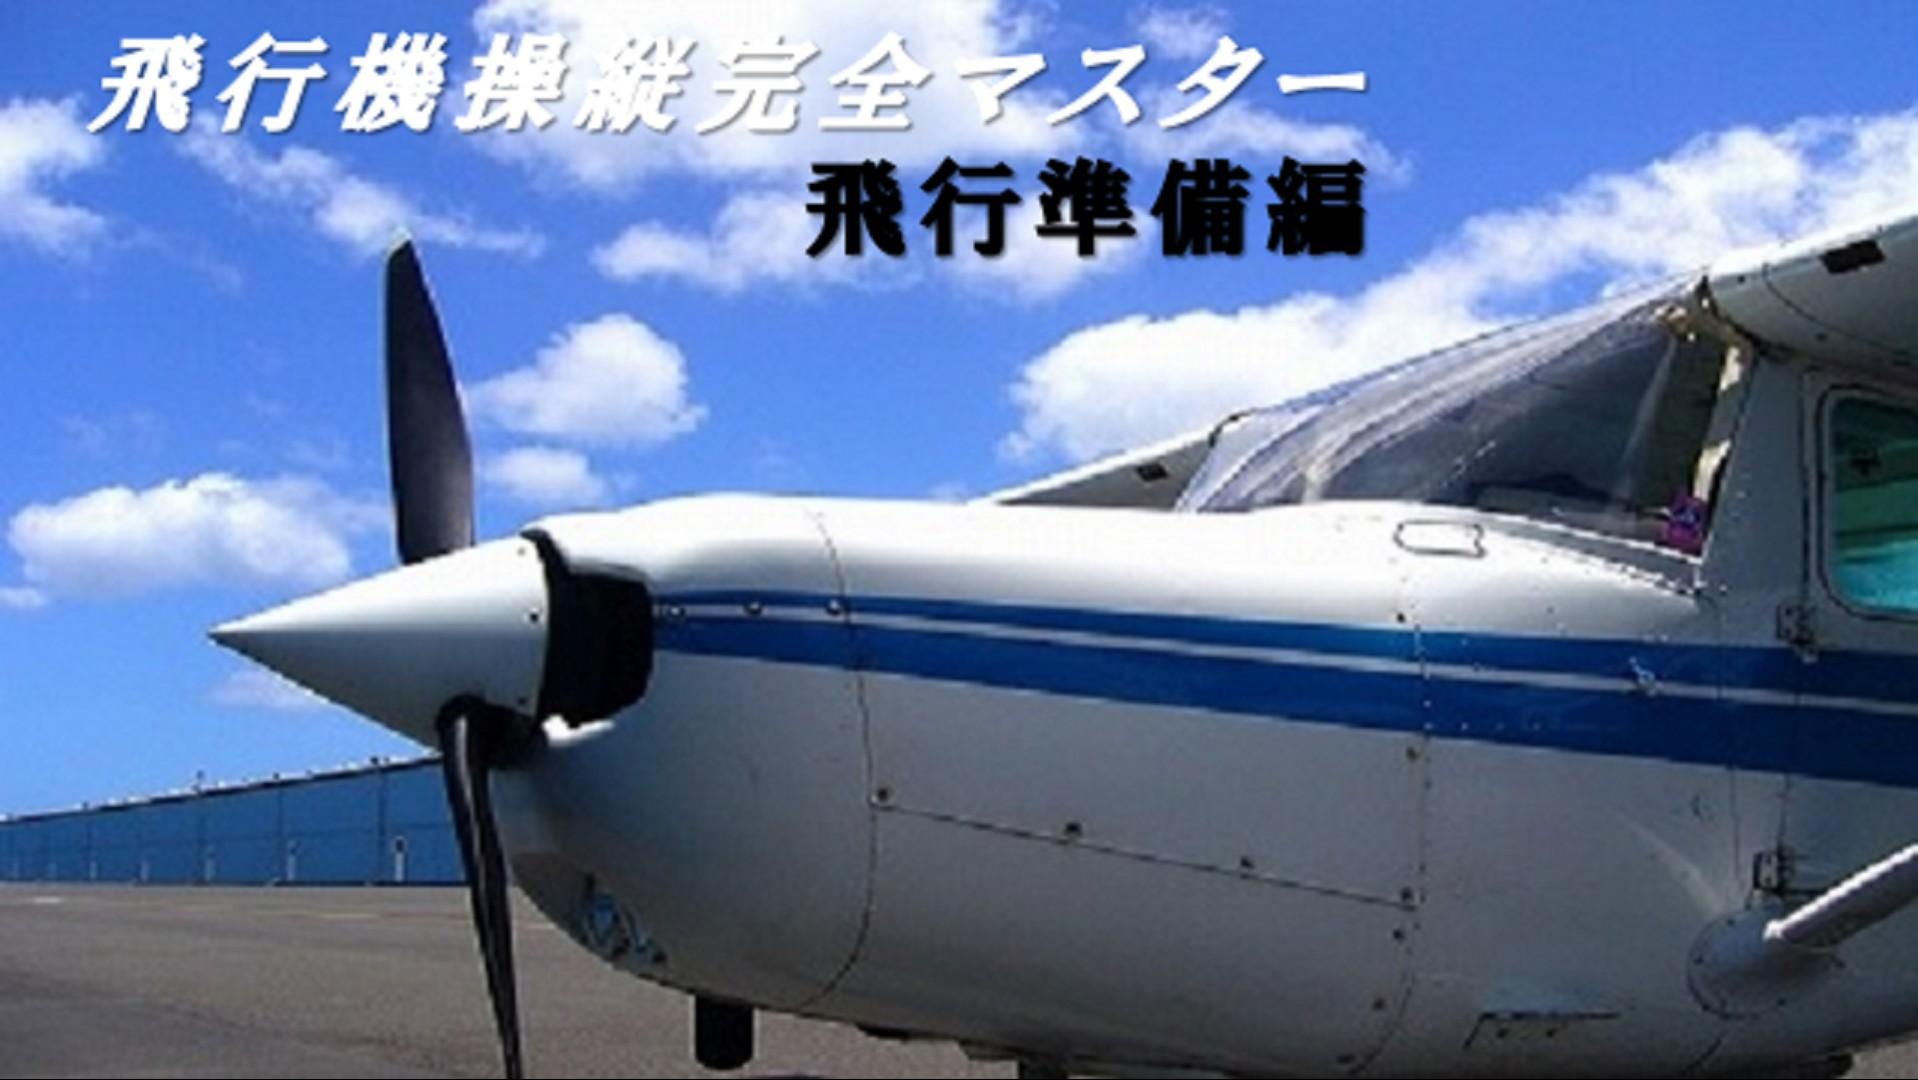 飛行機操縦完全マスターシリーズ Vol.1[飛行準備編]